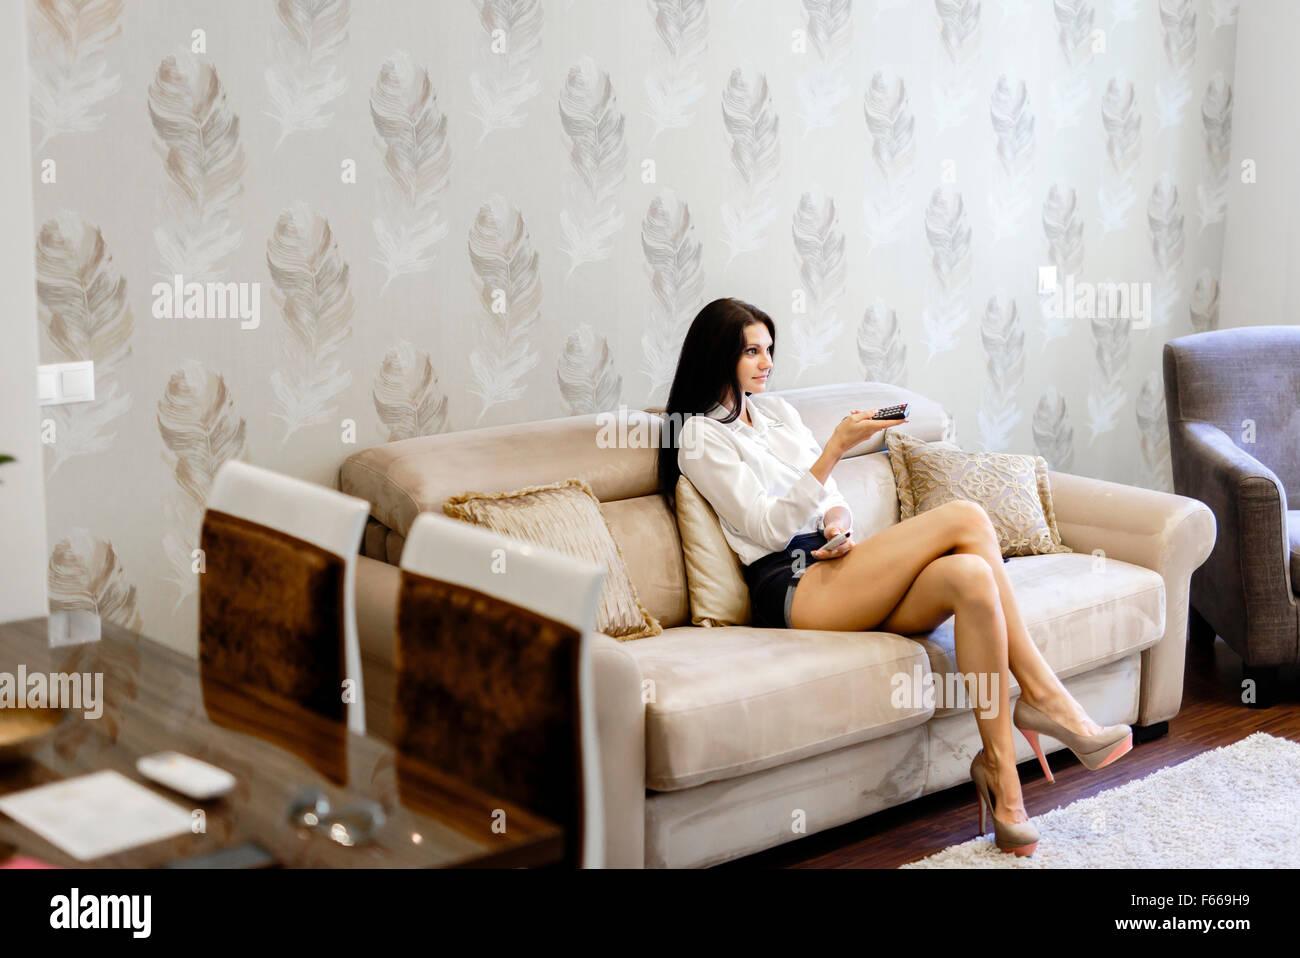 Schöne junge Frau mit Fernbedienung im Wohnzimmer und elegant gekleidet Stockbild